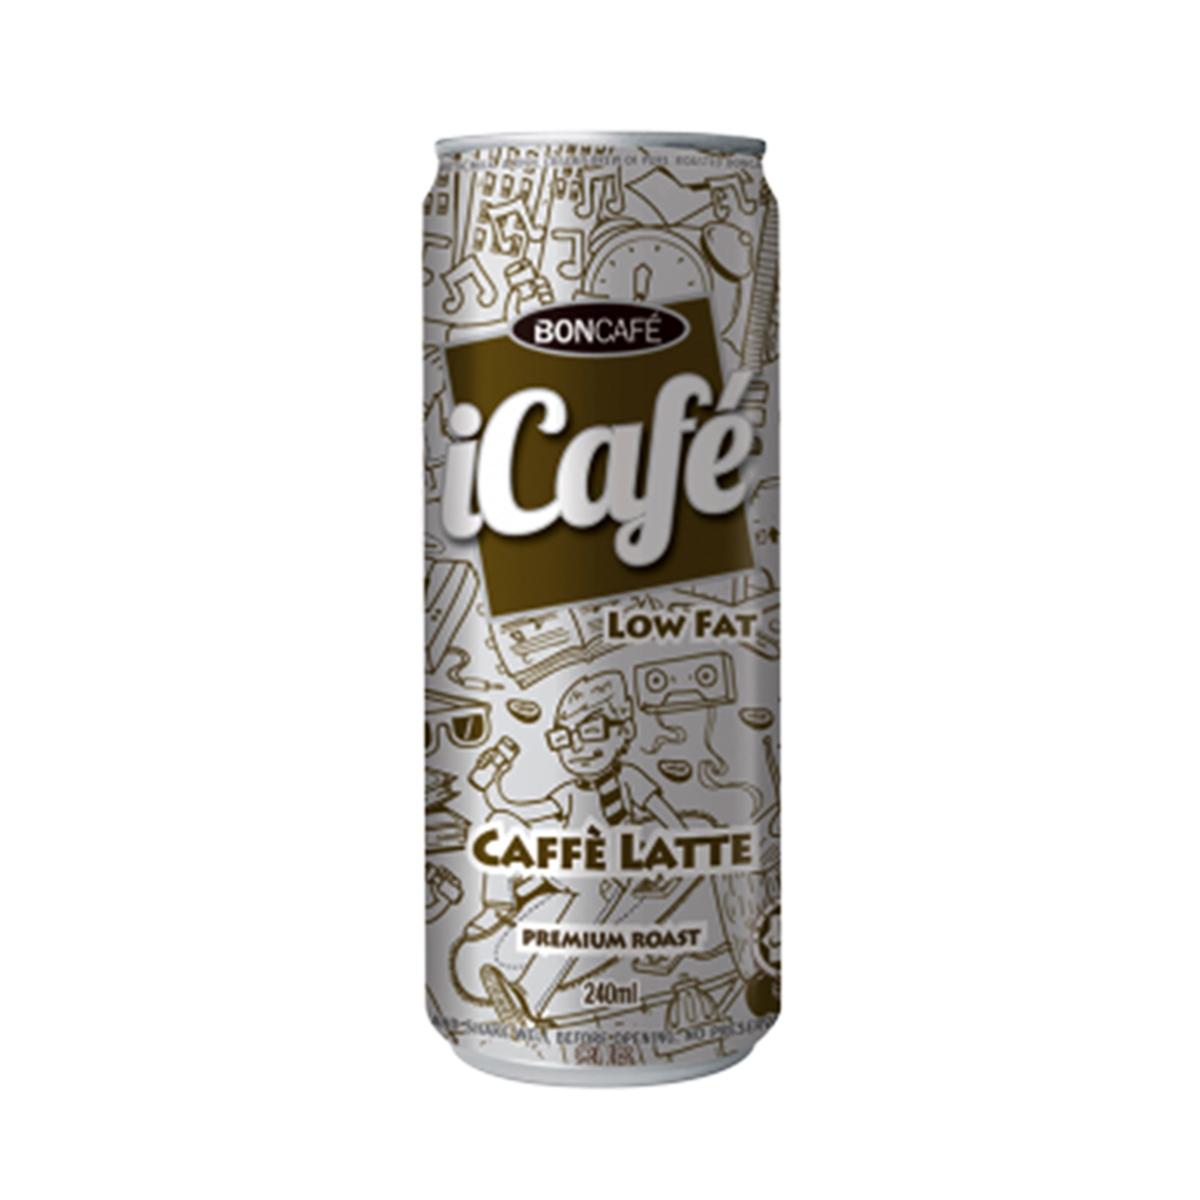 Cà phê lon Pháp vị Latte Icafe 240ml